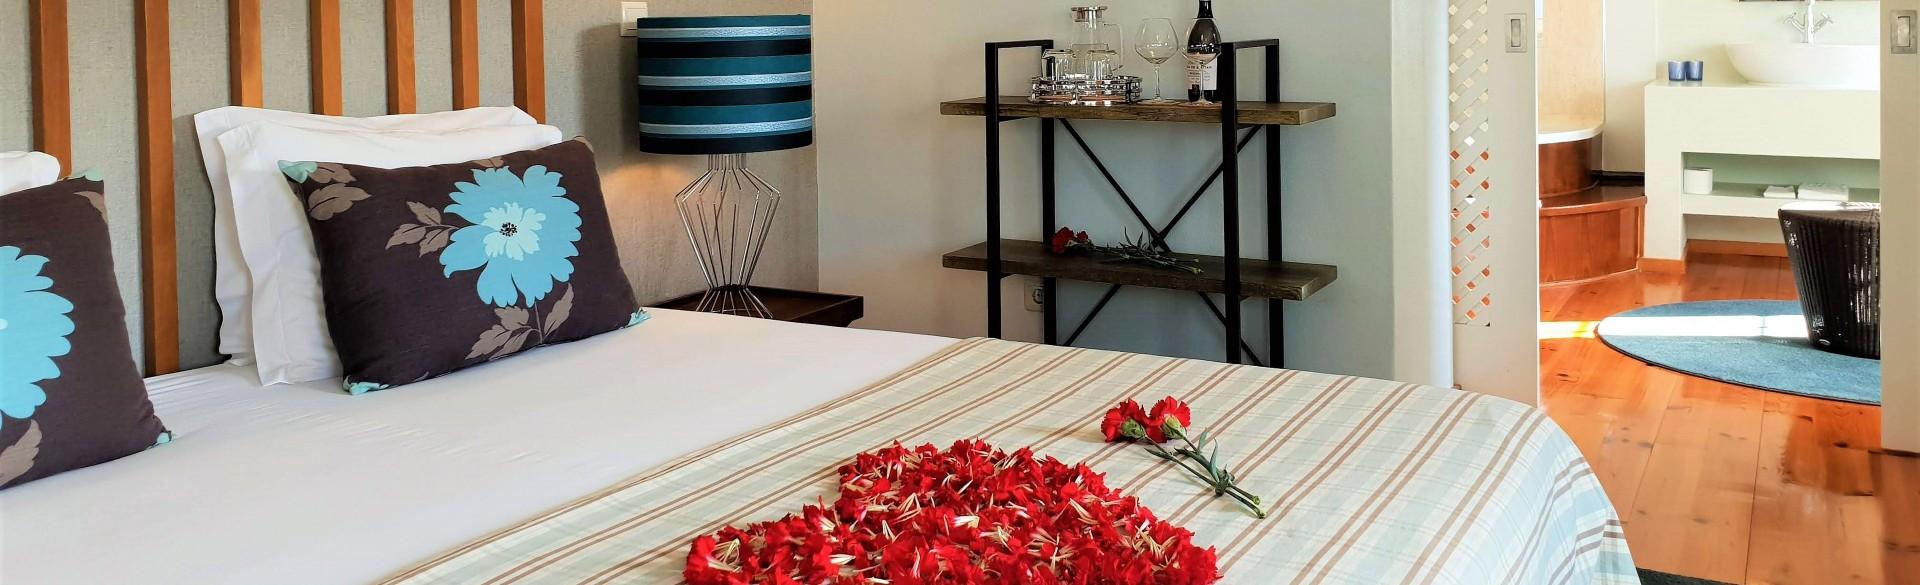 Quinta da Palmeira – Country House Retreat & Spa